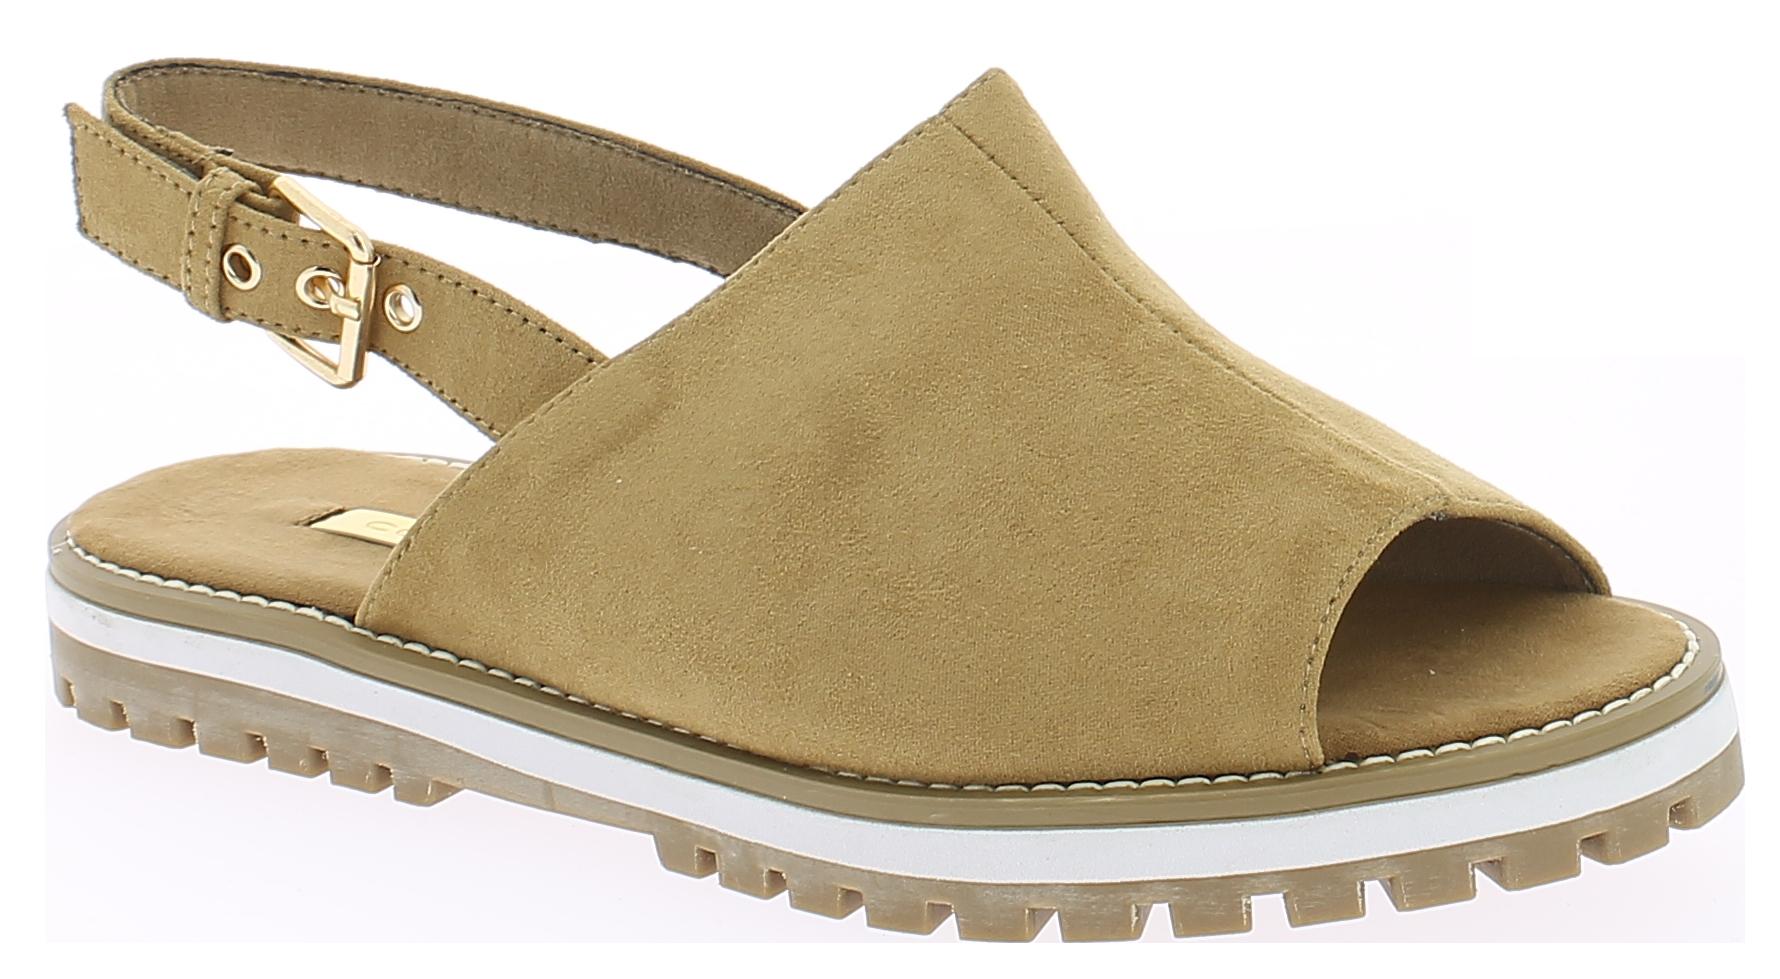 CORINA Γυναικείο Πέδιλο C7342 Κάμελ - IqShoes - C7342 CAMEL-camel-38/1/25/11 παπούτσια  πέδιλα